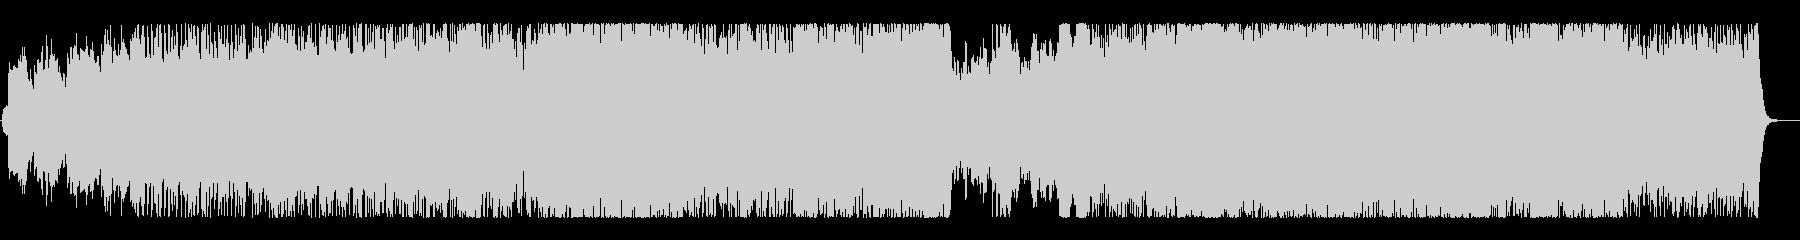 ケルトオーケストラの未再生の波形